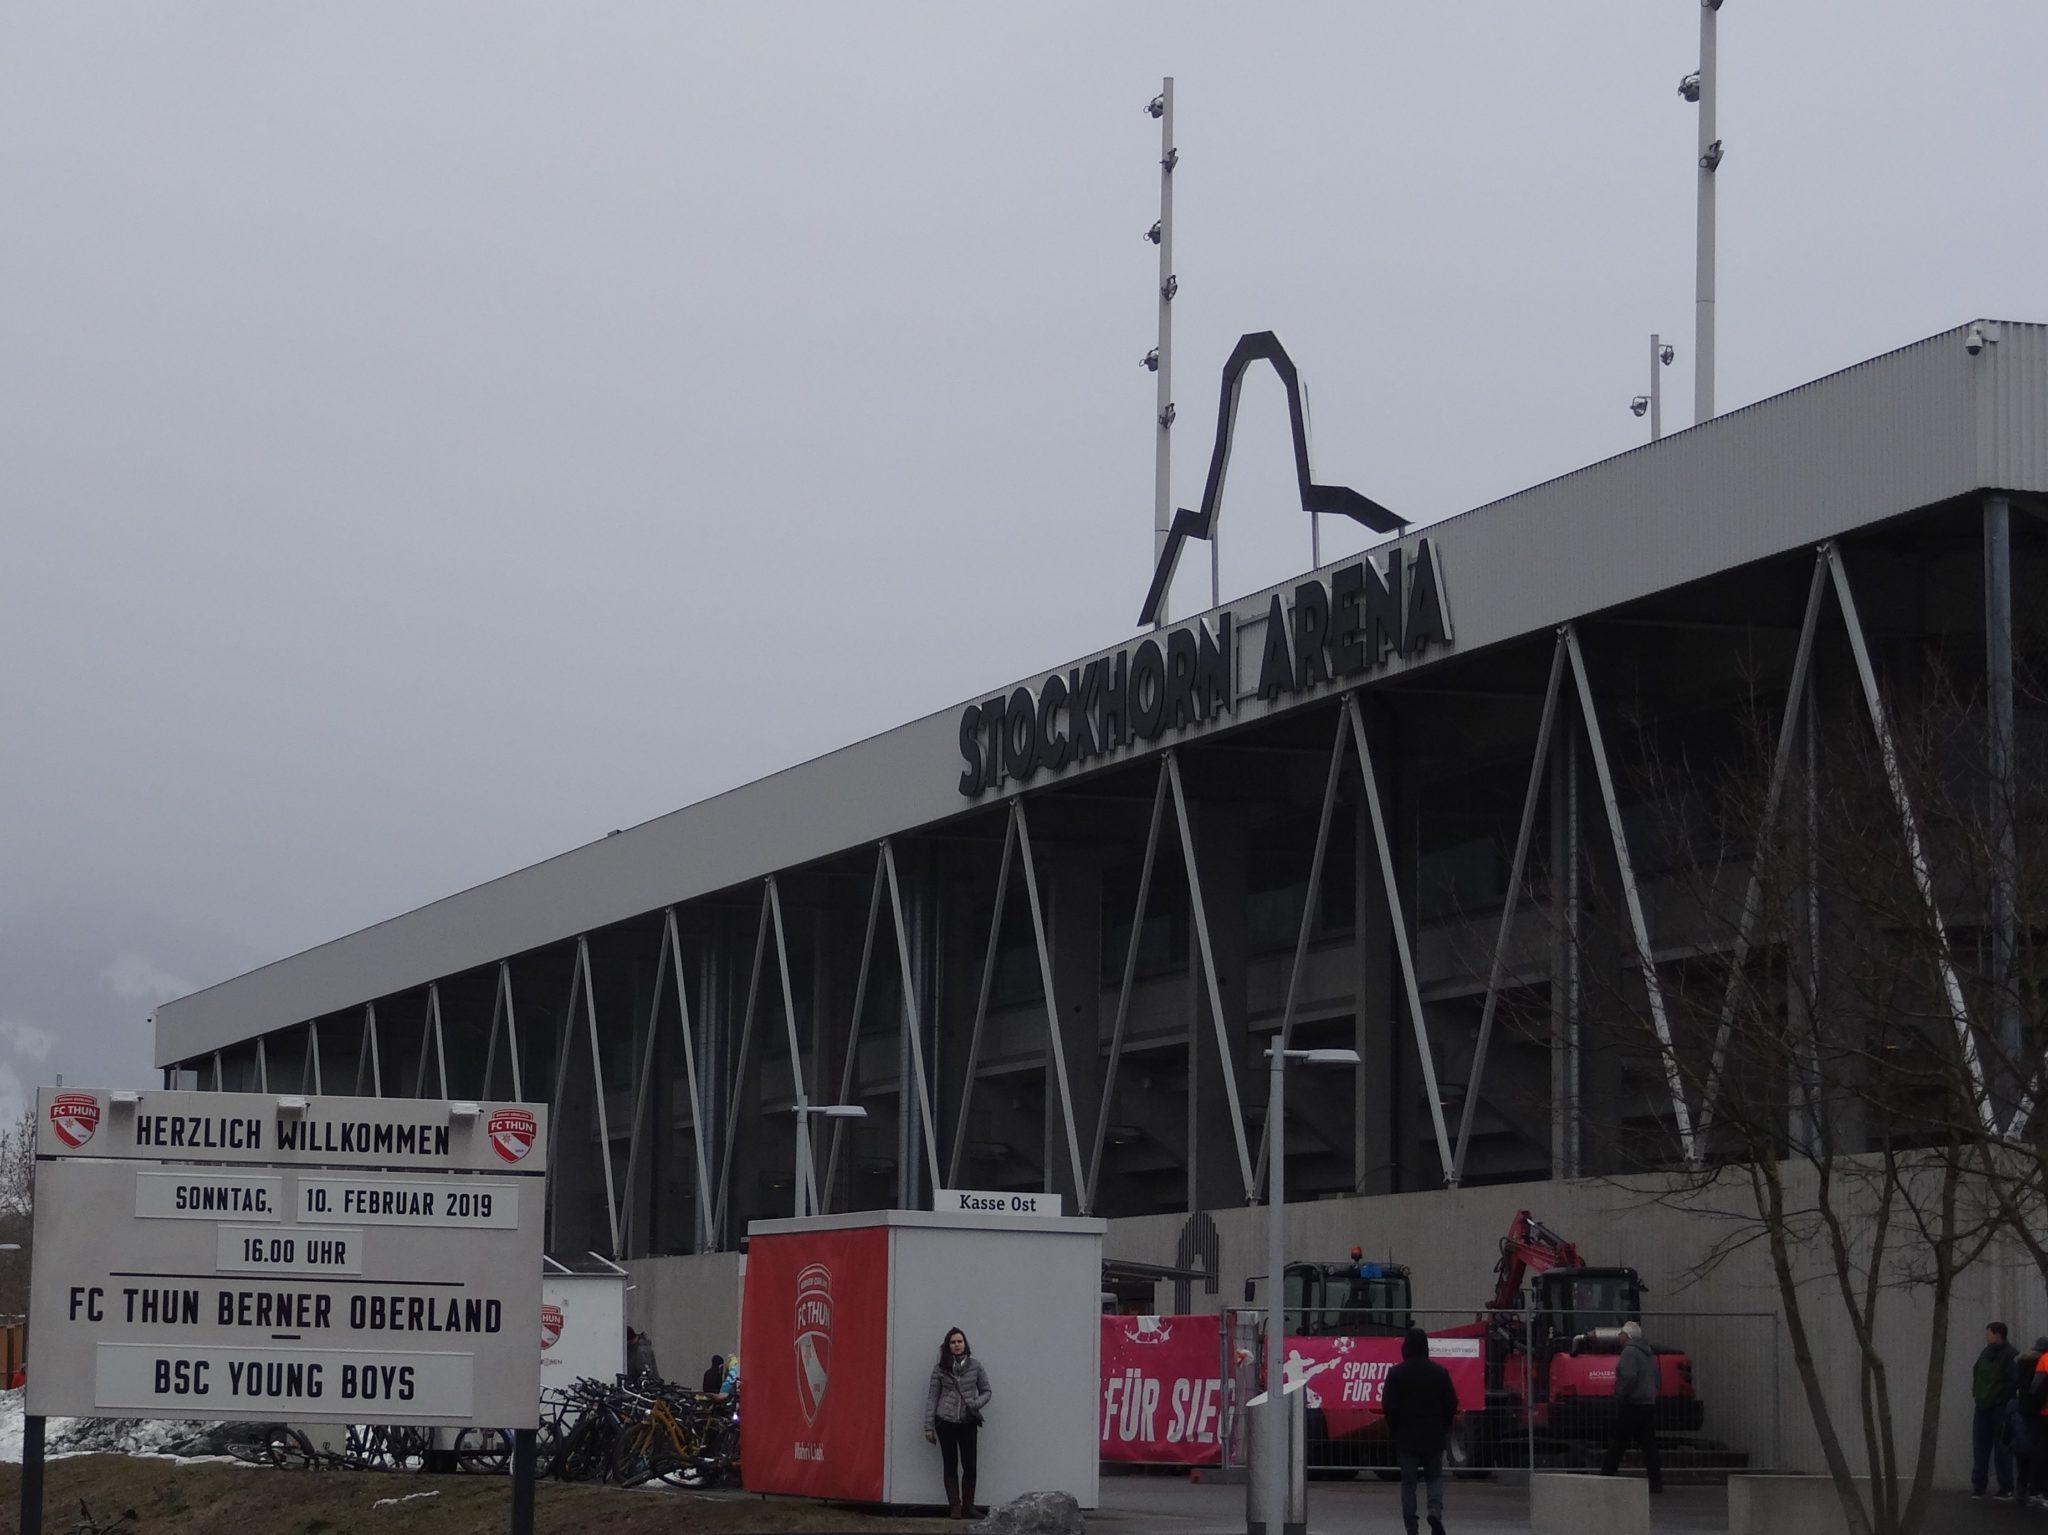 En cortège pour le derby de Berne : FC Thun – BSC Young Boys post thumbnail image